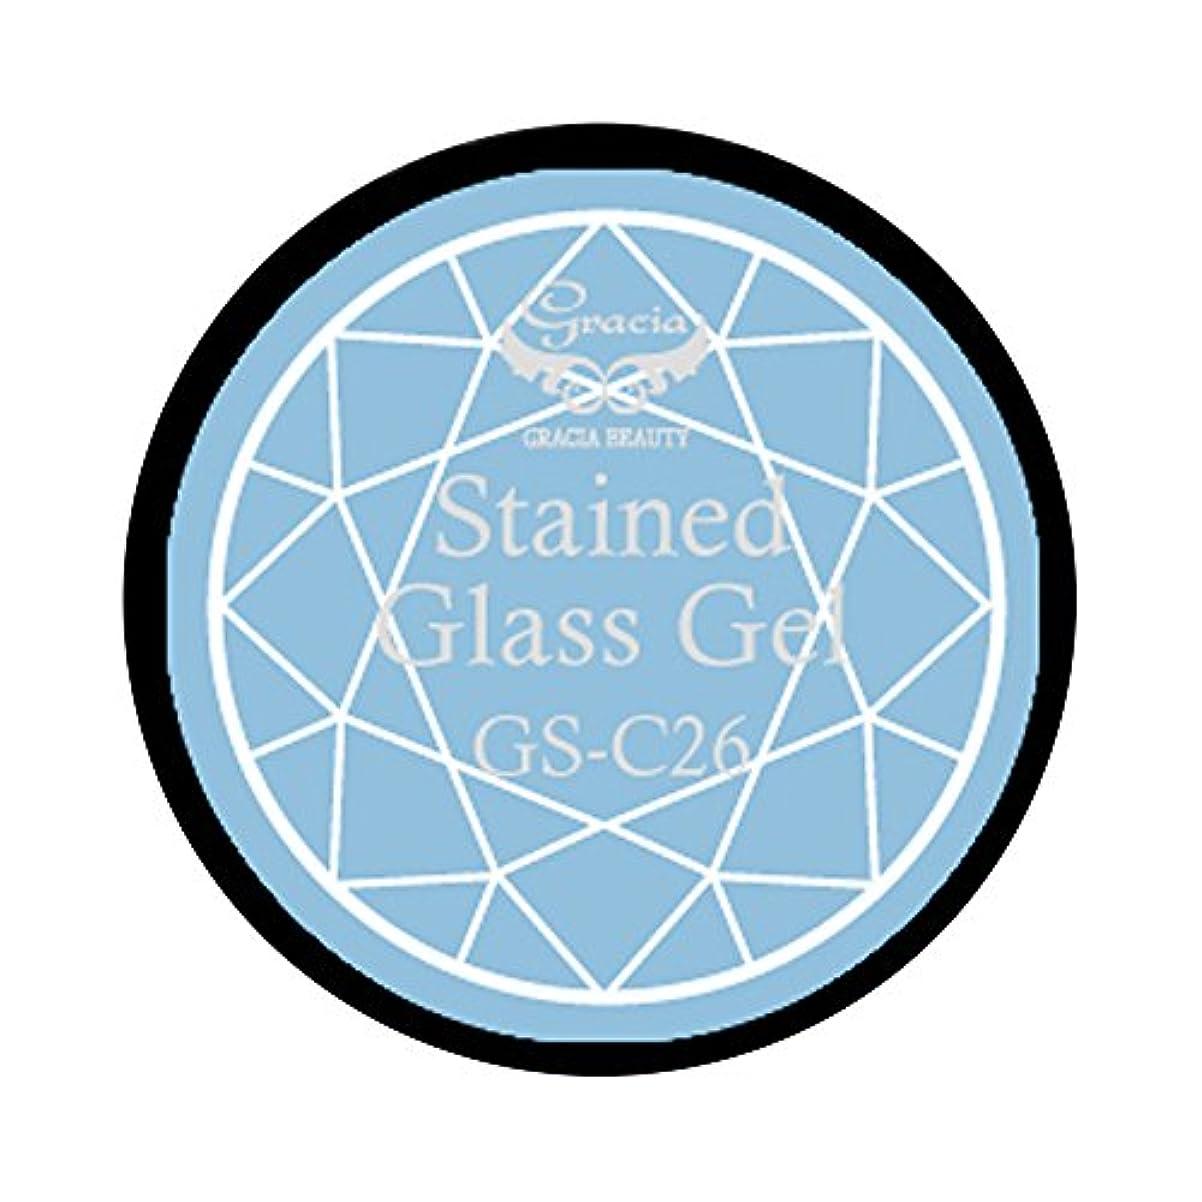 さわやかお客様裁判所グラシア ジェルネイル ステンドグラスジェル GSM-C26 3g  クリア UV/LED対応 カラージェル ソークオフジェル ガラスのような透明感